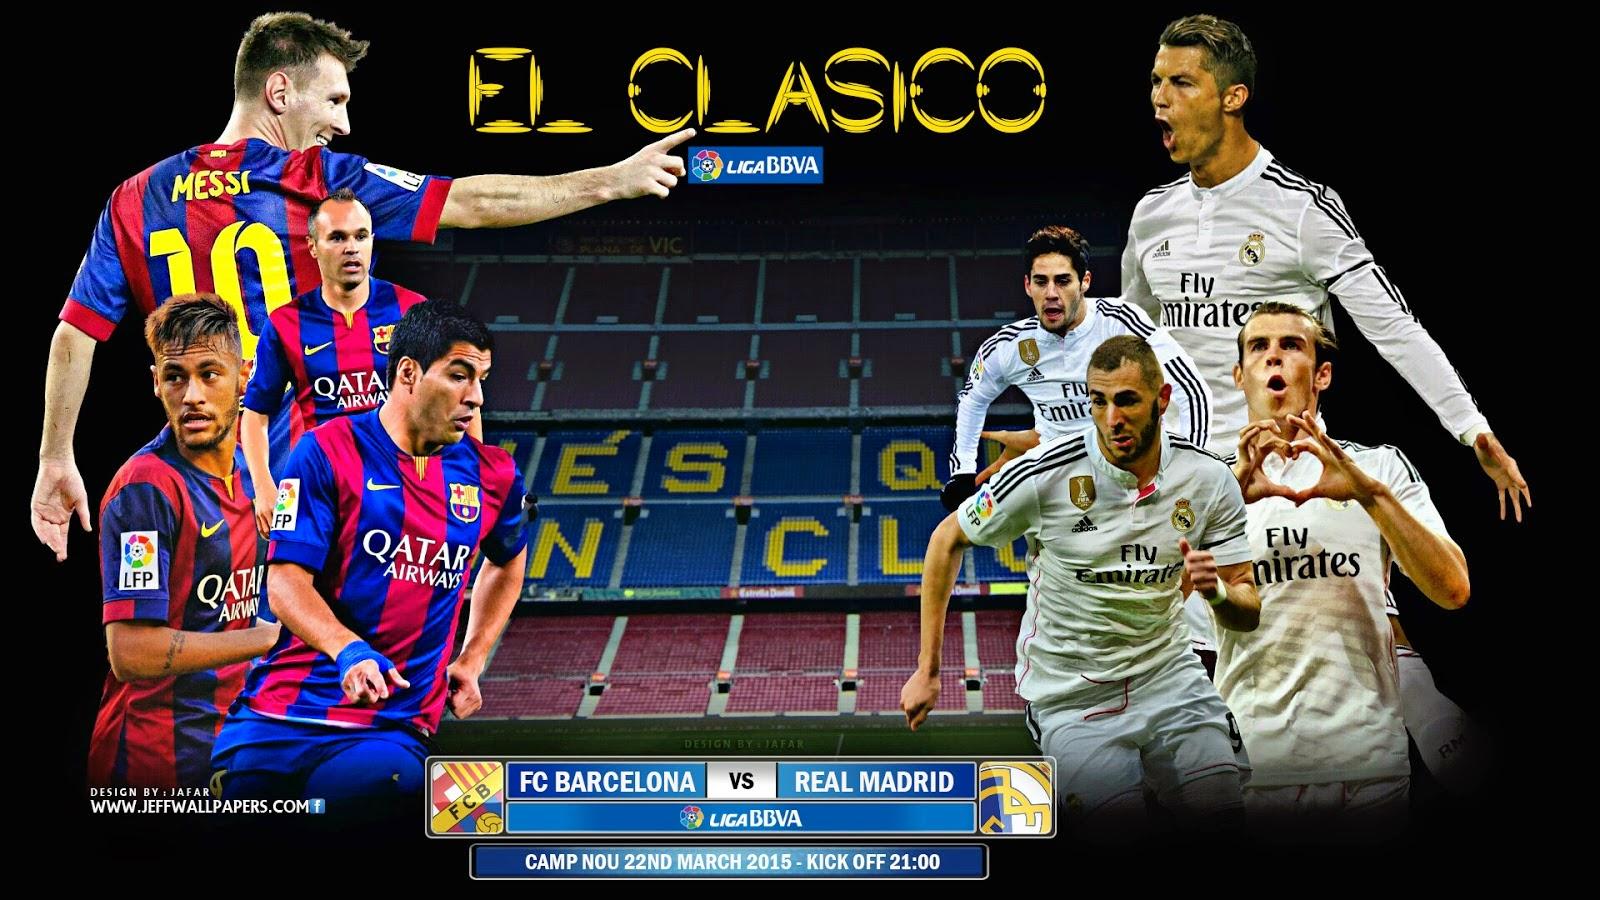 Futebol e História  Real Madrid x Barcelona  uma rivalidade que vai muito  além das linhas do campo 2a51befa834e1